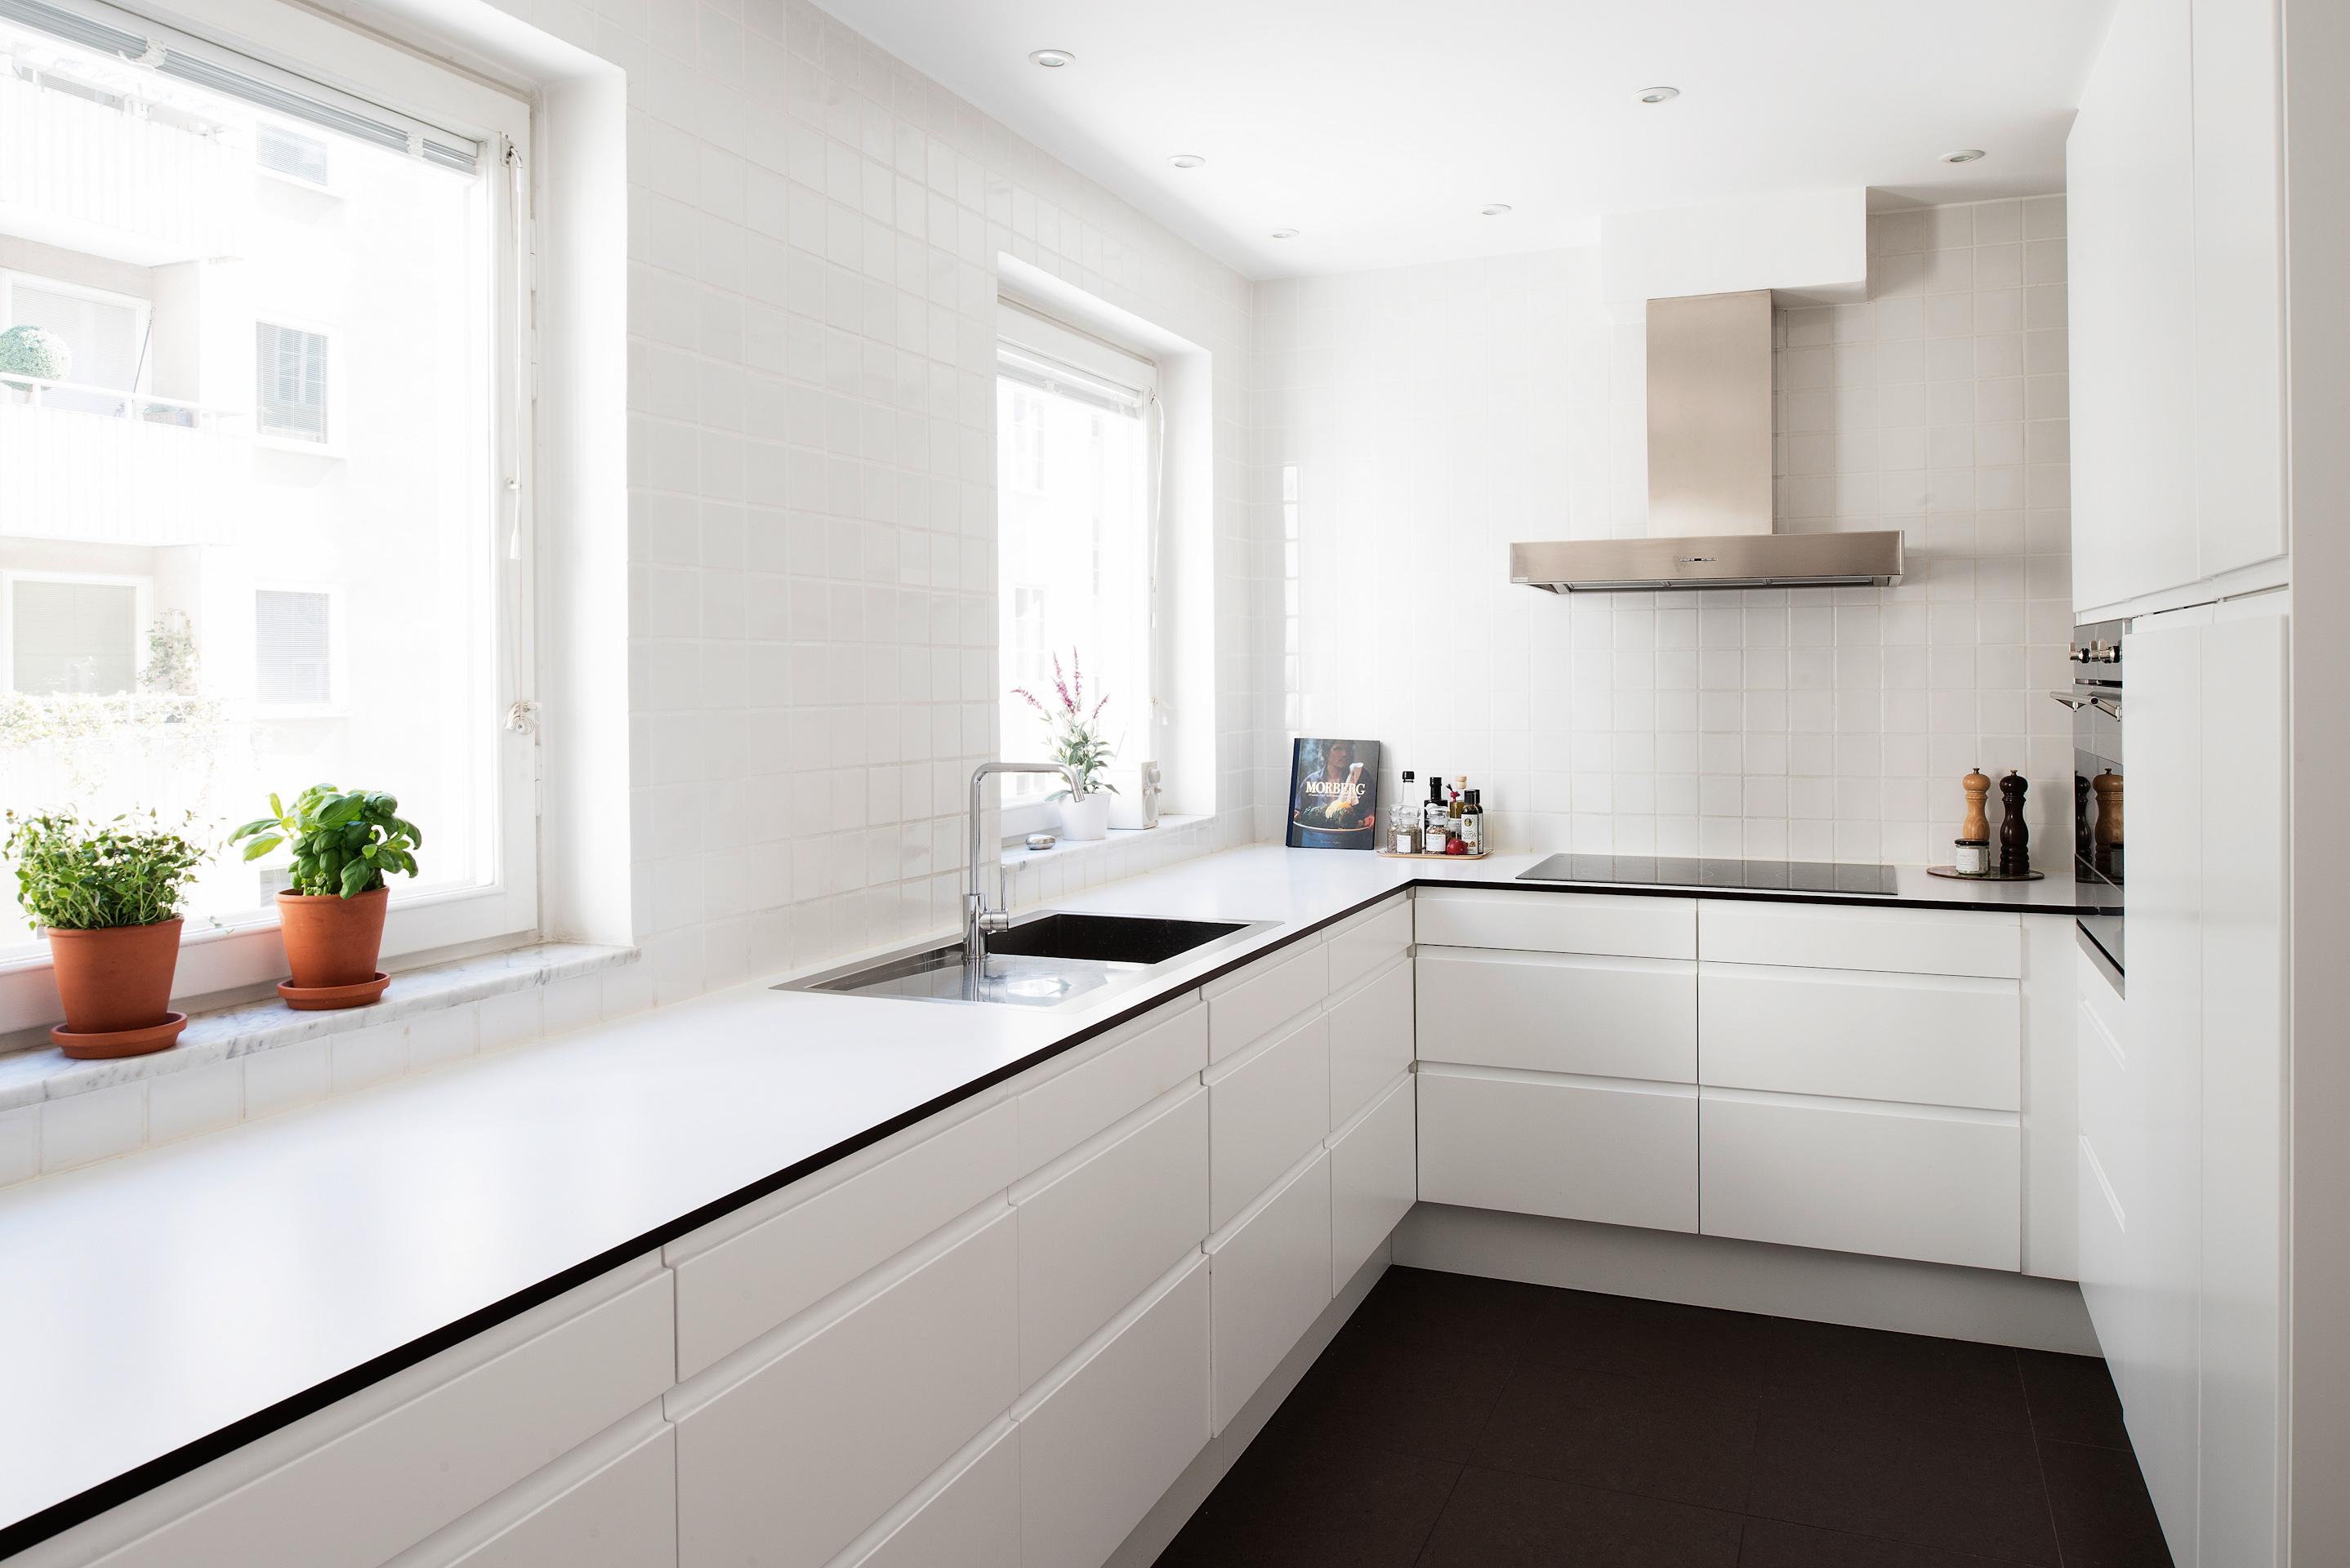 Cocinas modernas blancas affordable cocina decoracin de for Cocinas integrales modernas